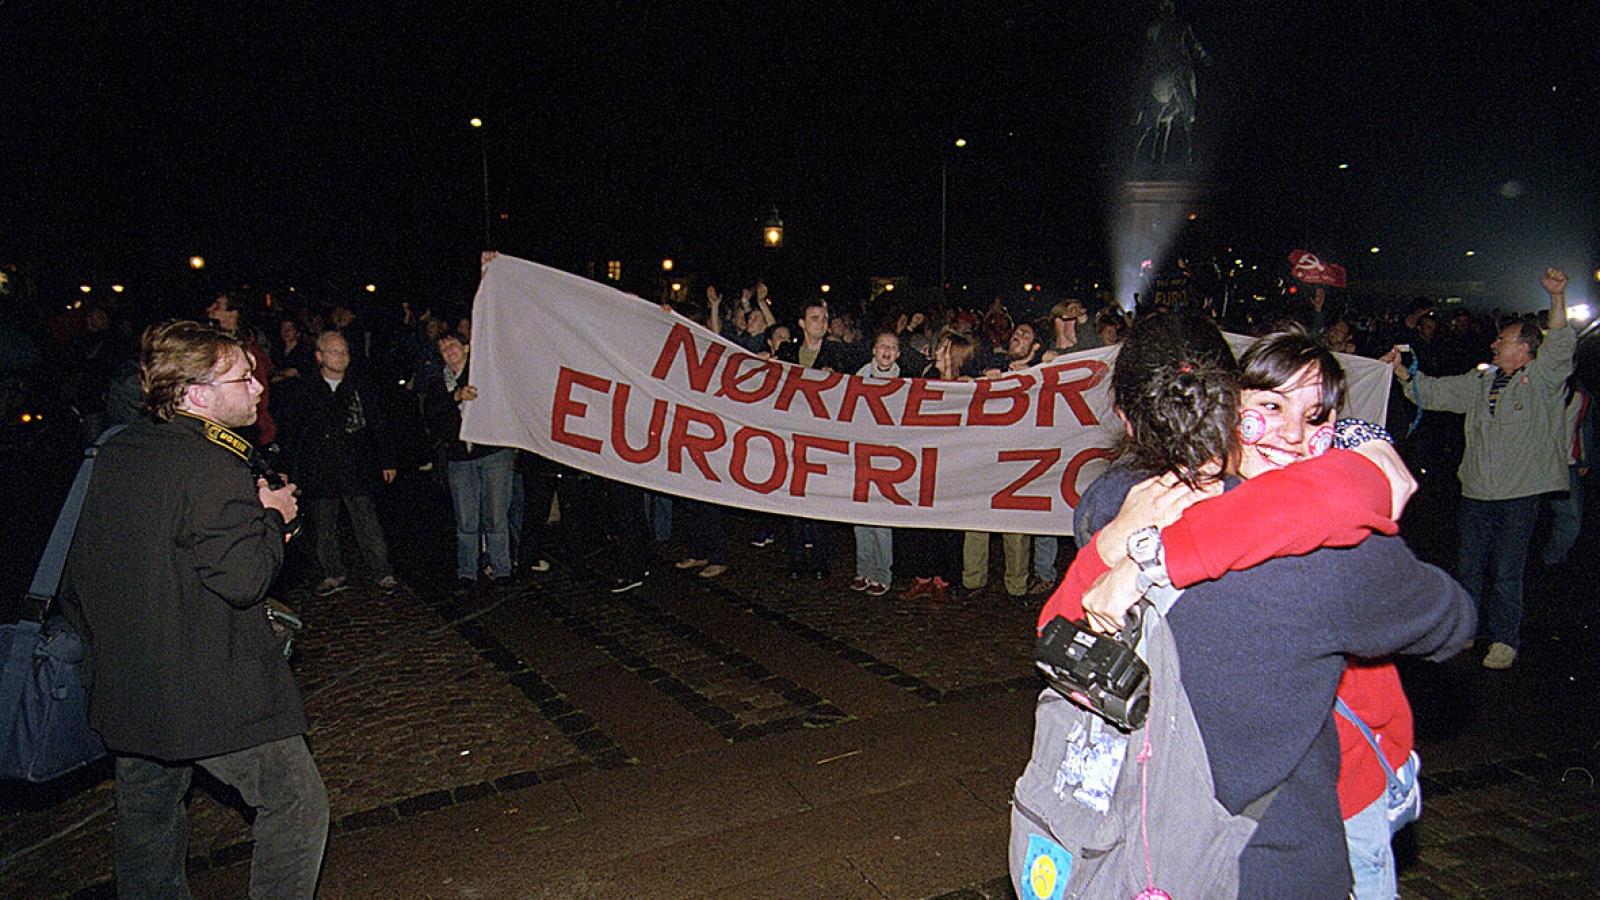 Da opptellingen 28. september 2000 viste flertall mot dansk tilslutning til euroen samlet ungdommer seg og feiret utenfor Folketinget.